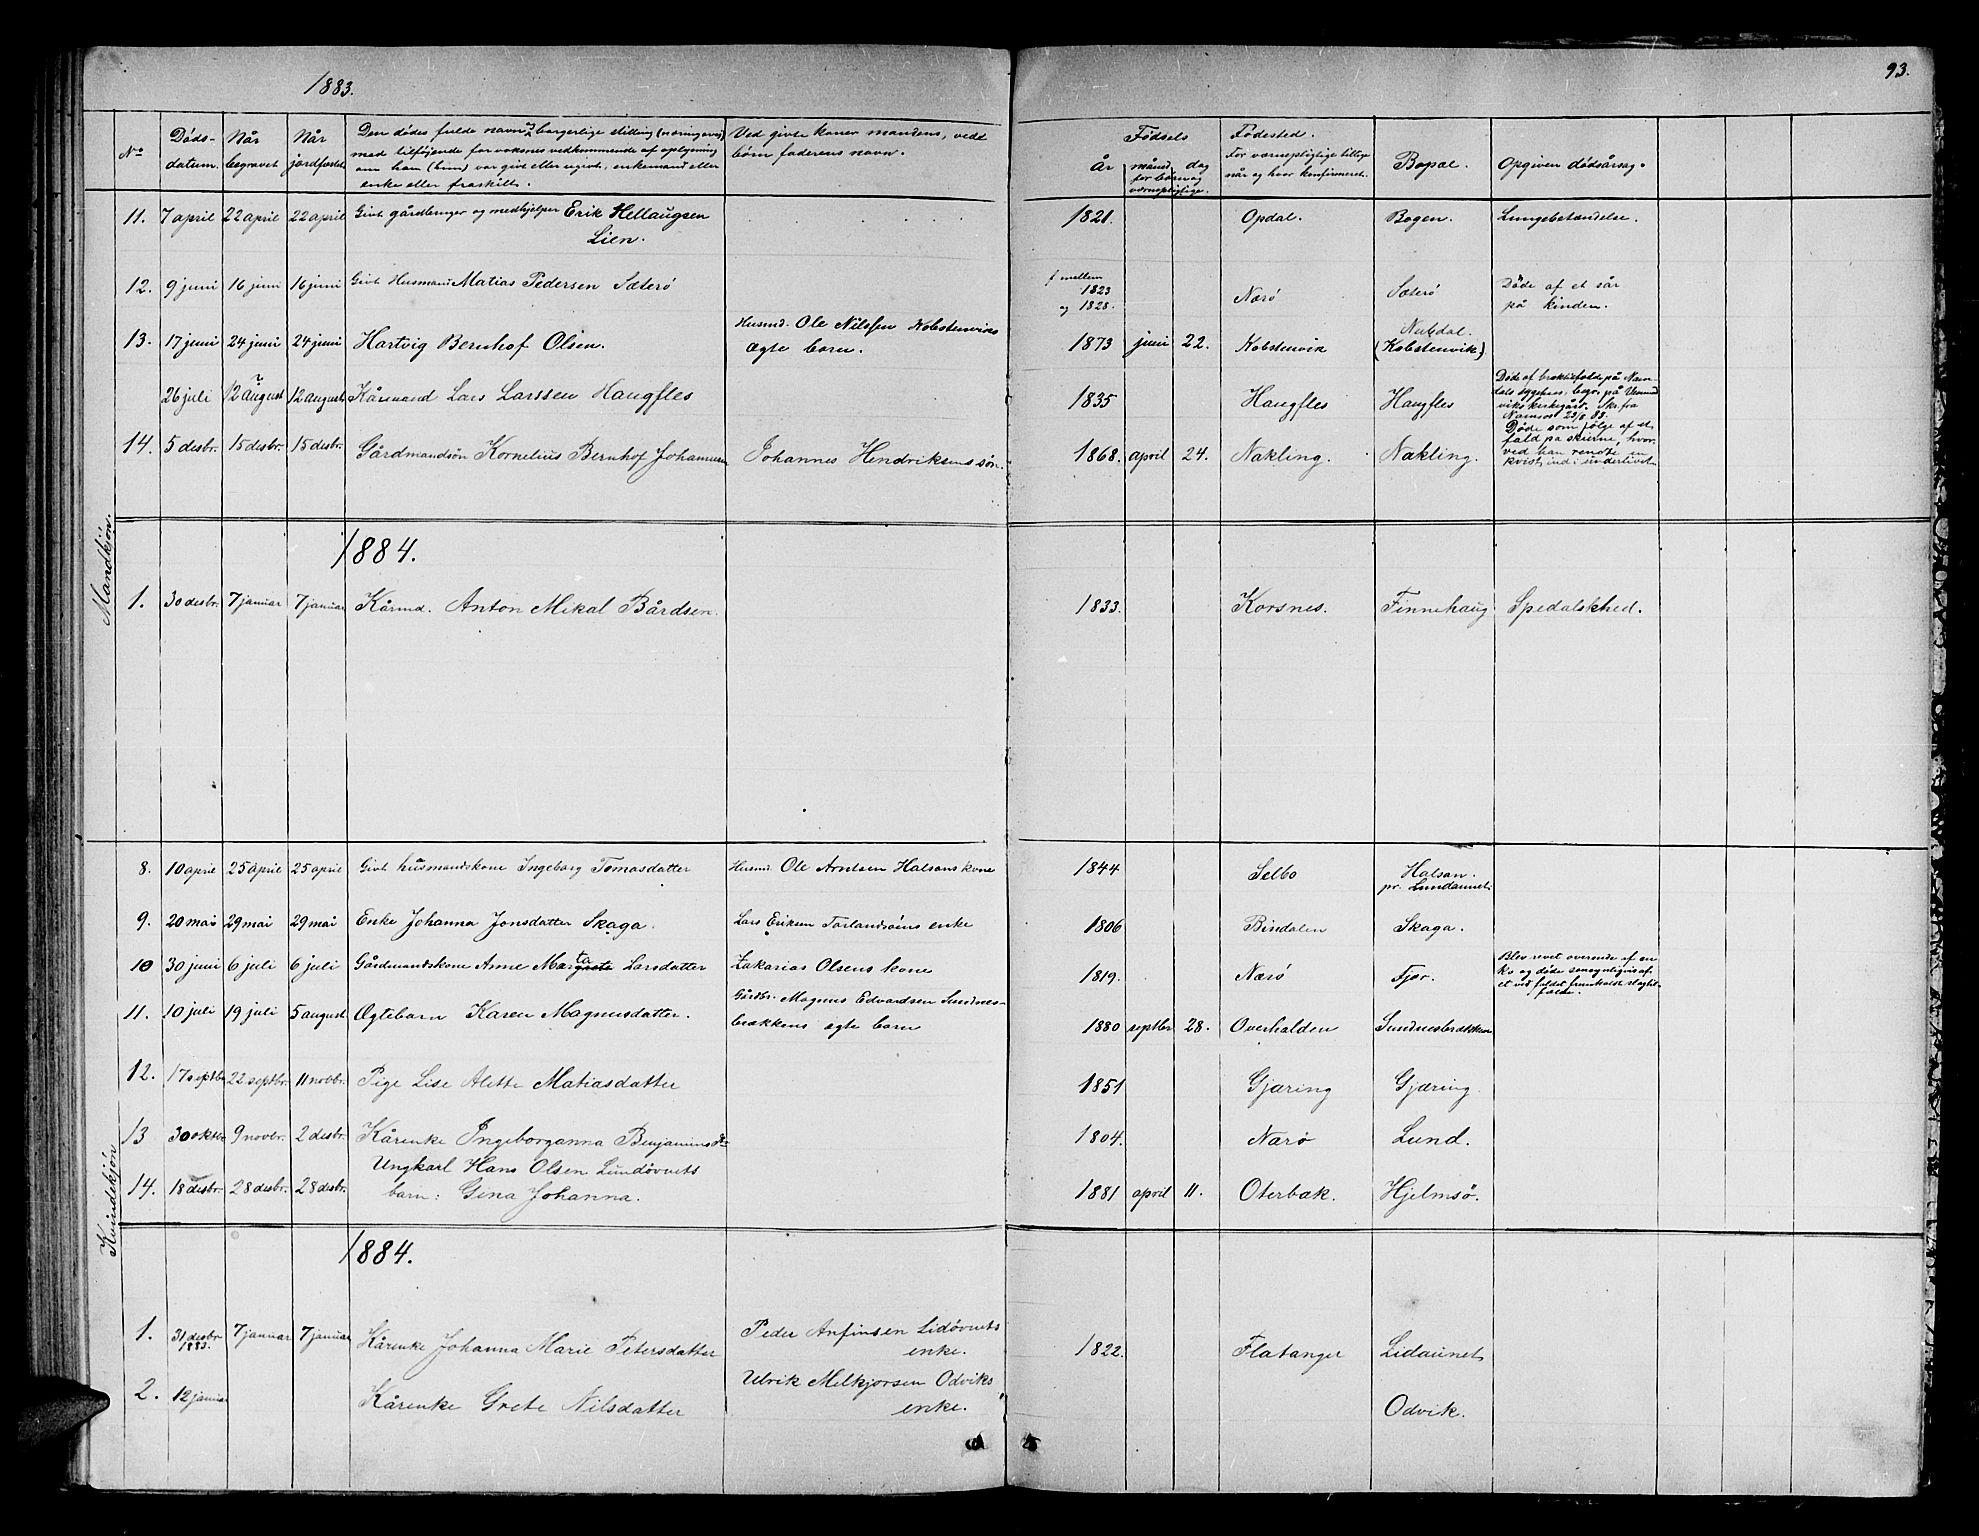 SAT, Ministerialprotokoller, klokkerbøker og fødselsregistre - Nord-Trøndelag, 780/L0650: Klokkerbok nr. 780C02, 1866-1884, s. 93